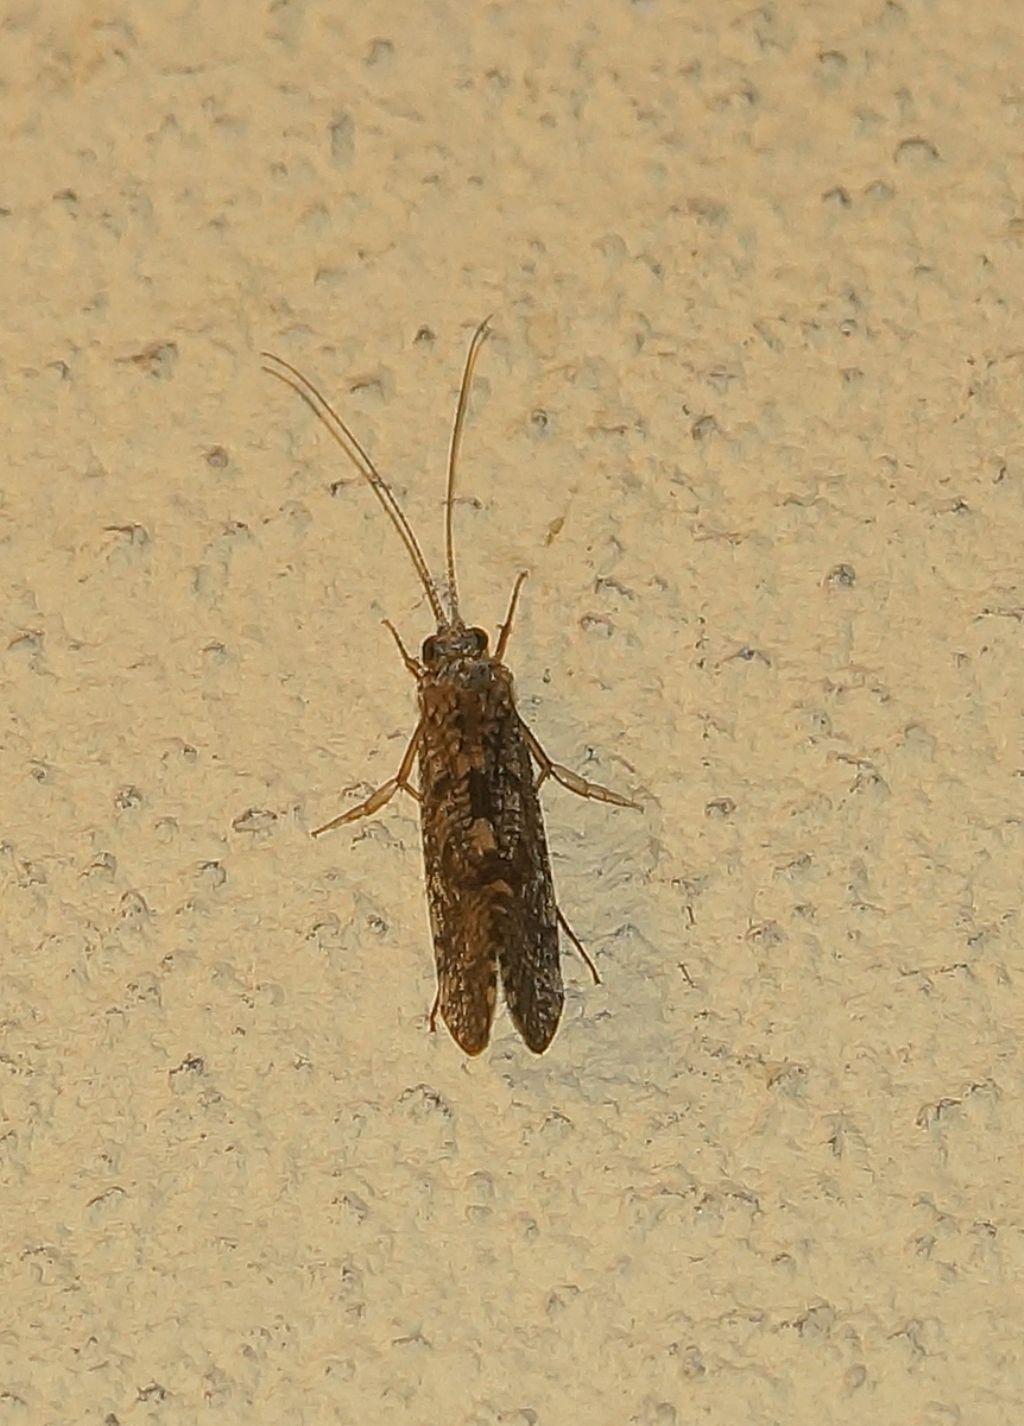 Rhyacophilidae: Rhyacophila sp.